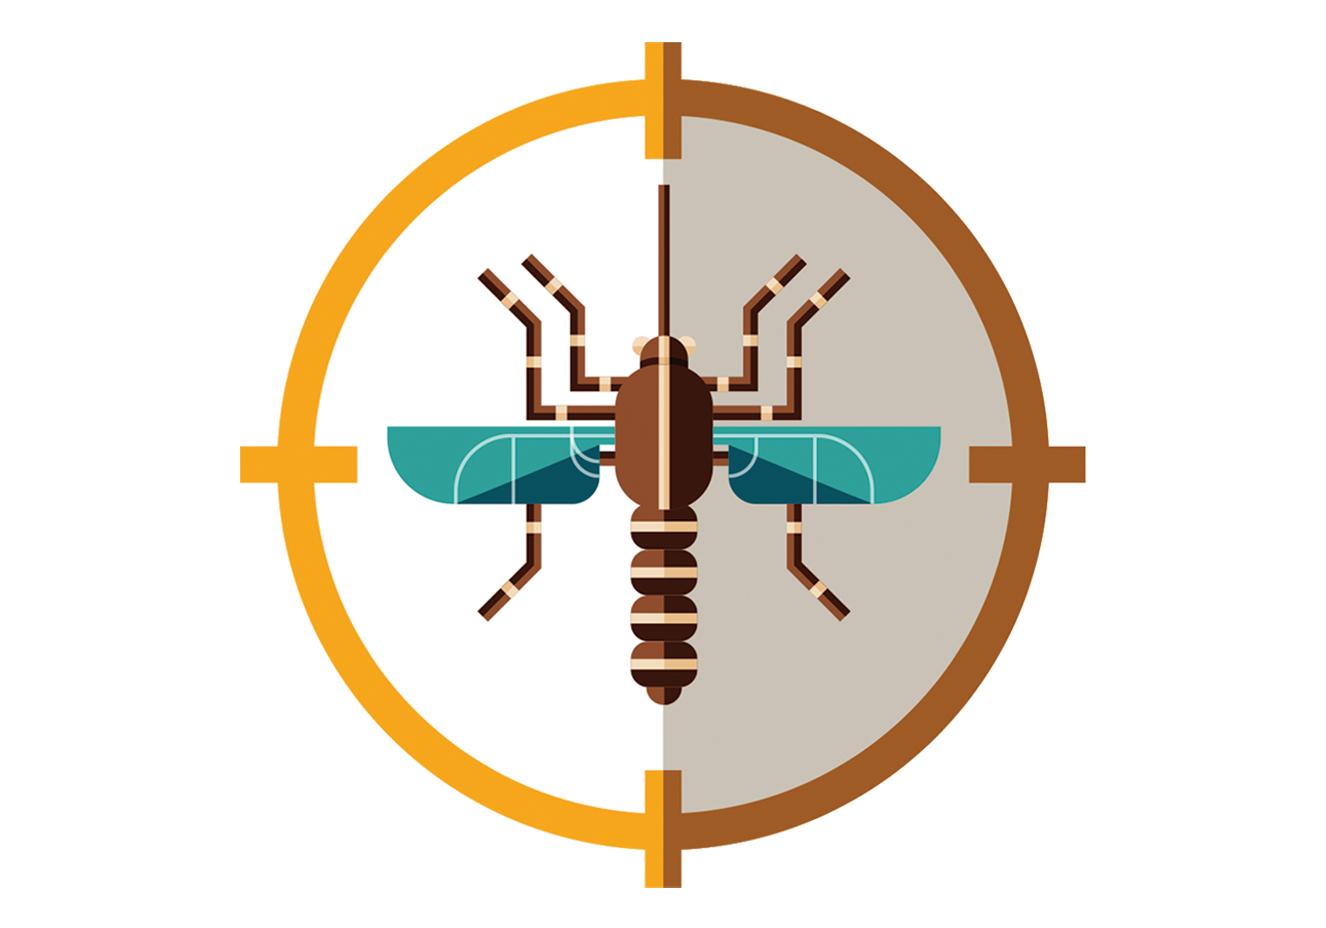 ilustração do mosquito da dengue